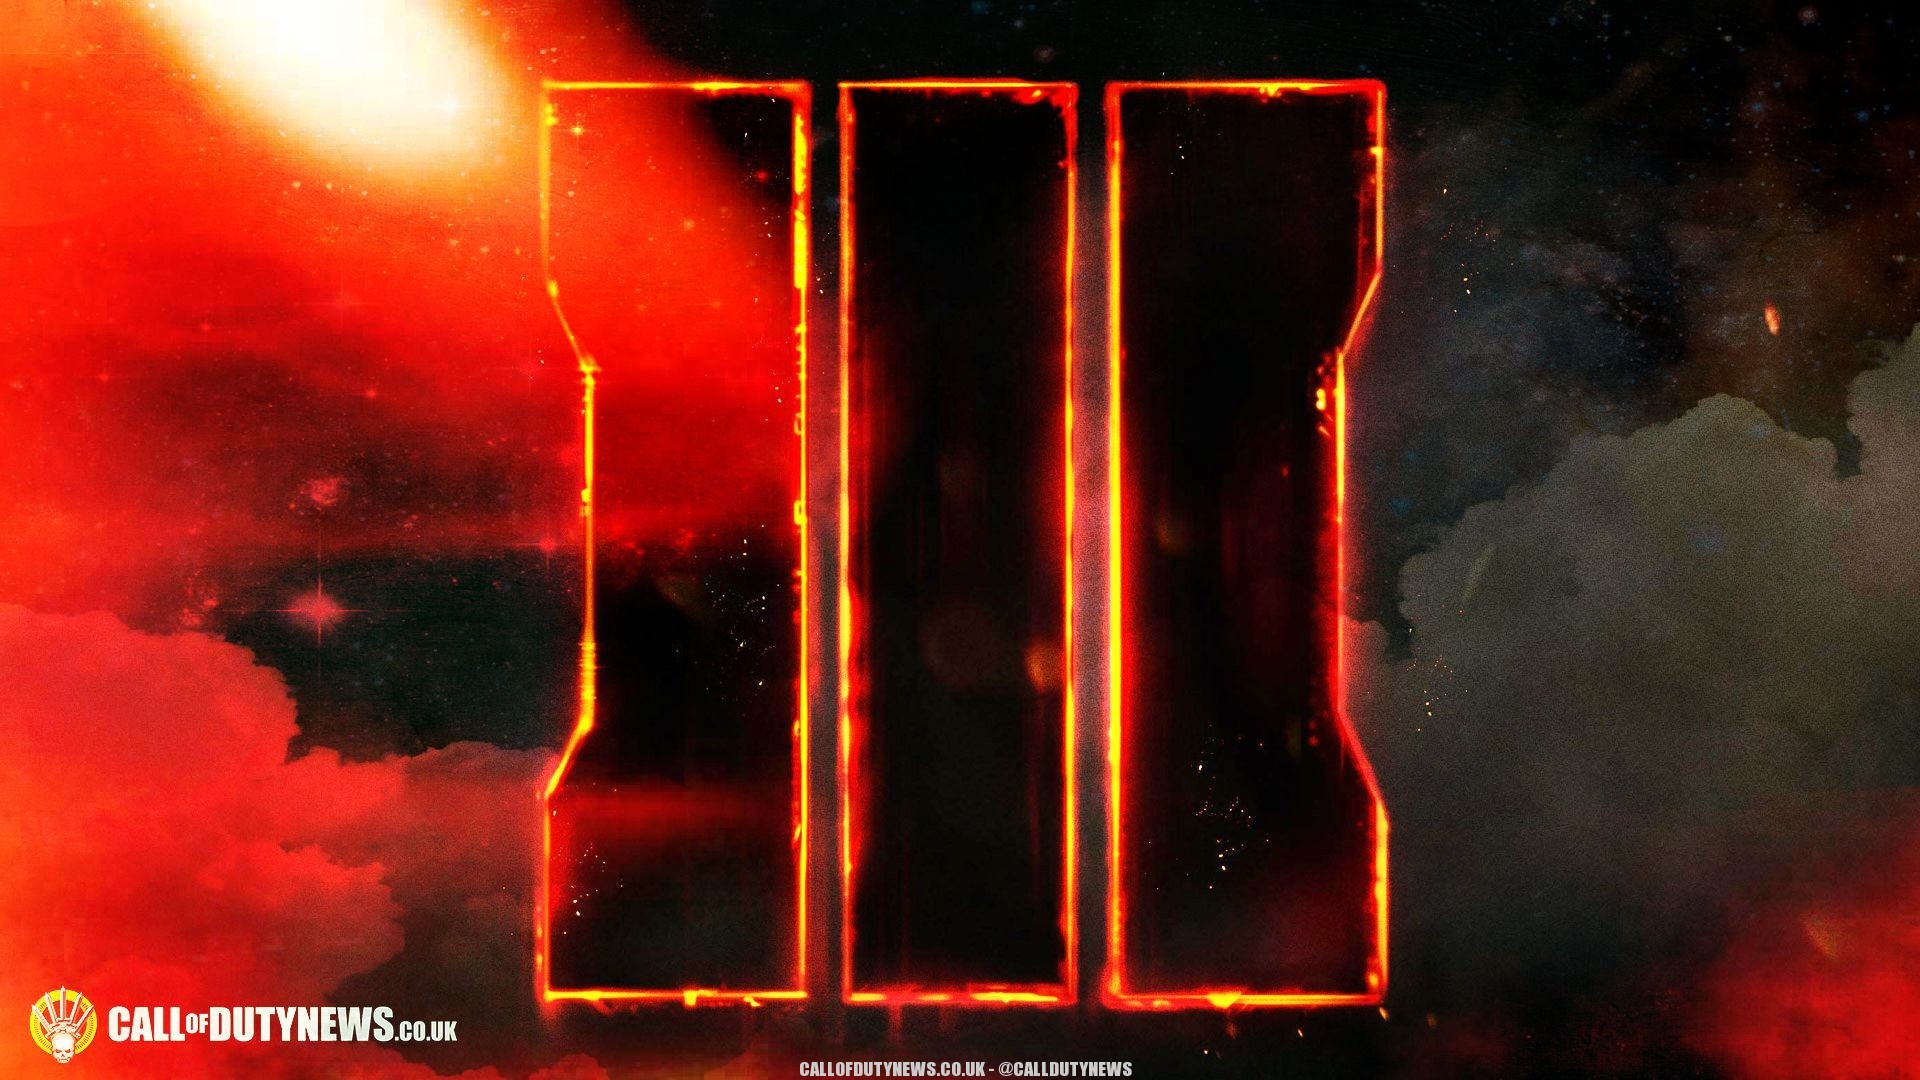 Call of Duty BO3 Wallpaper – WallpaperSafari